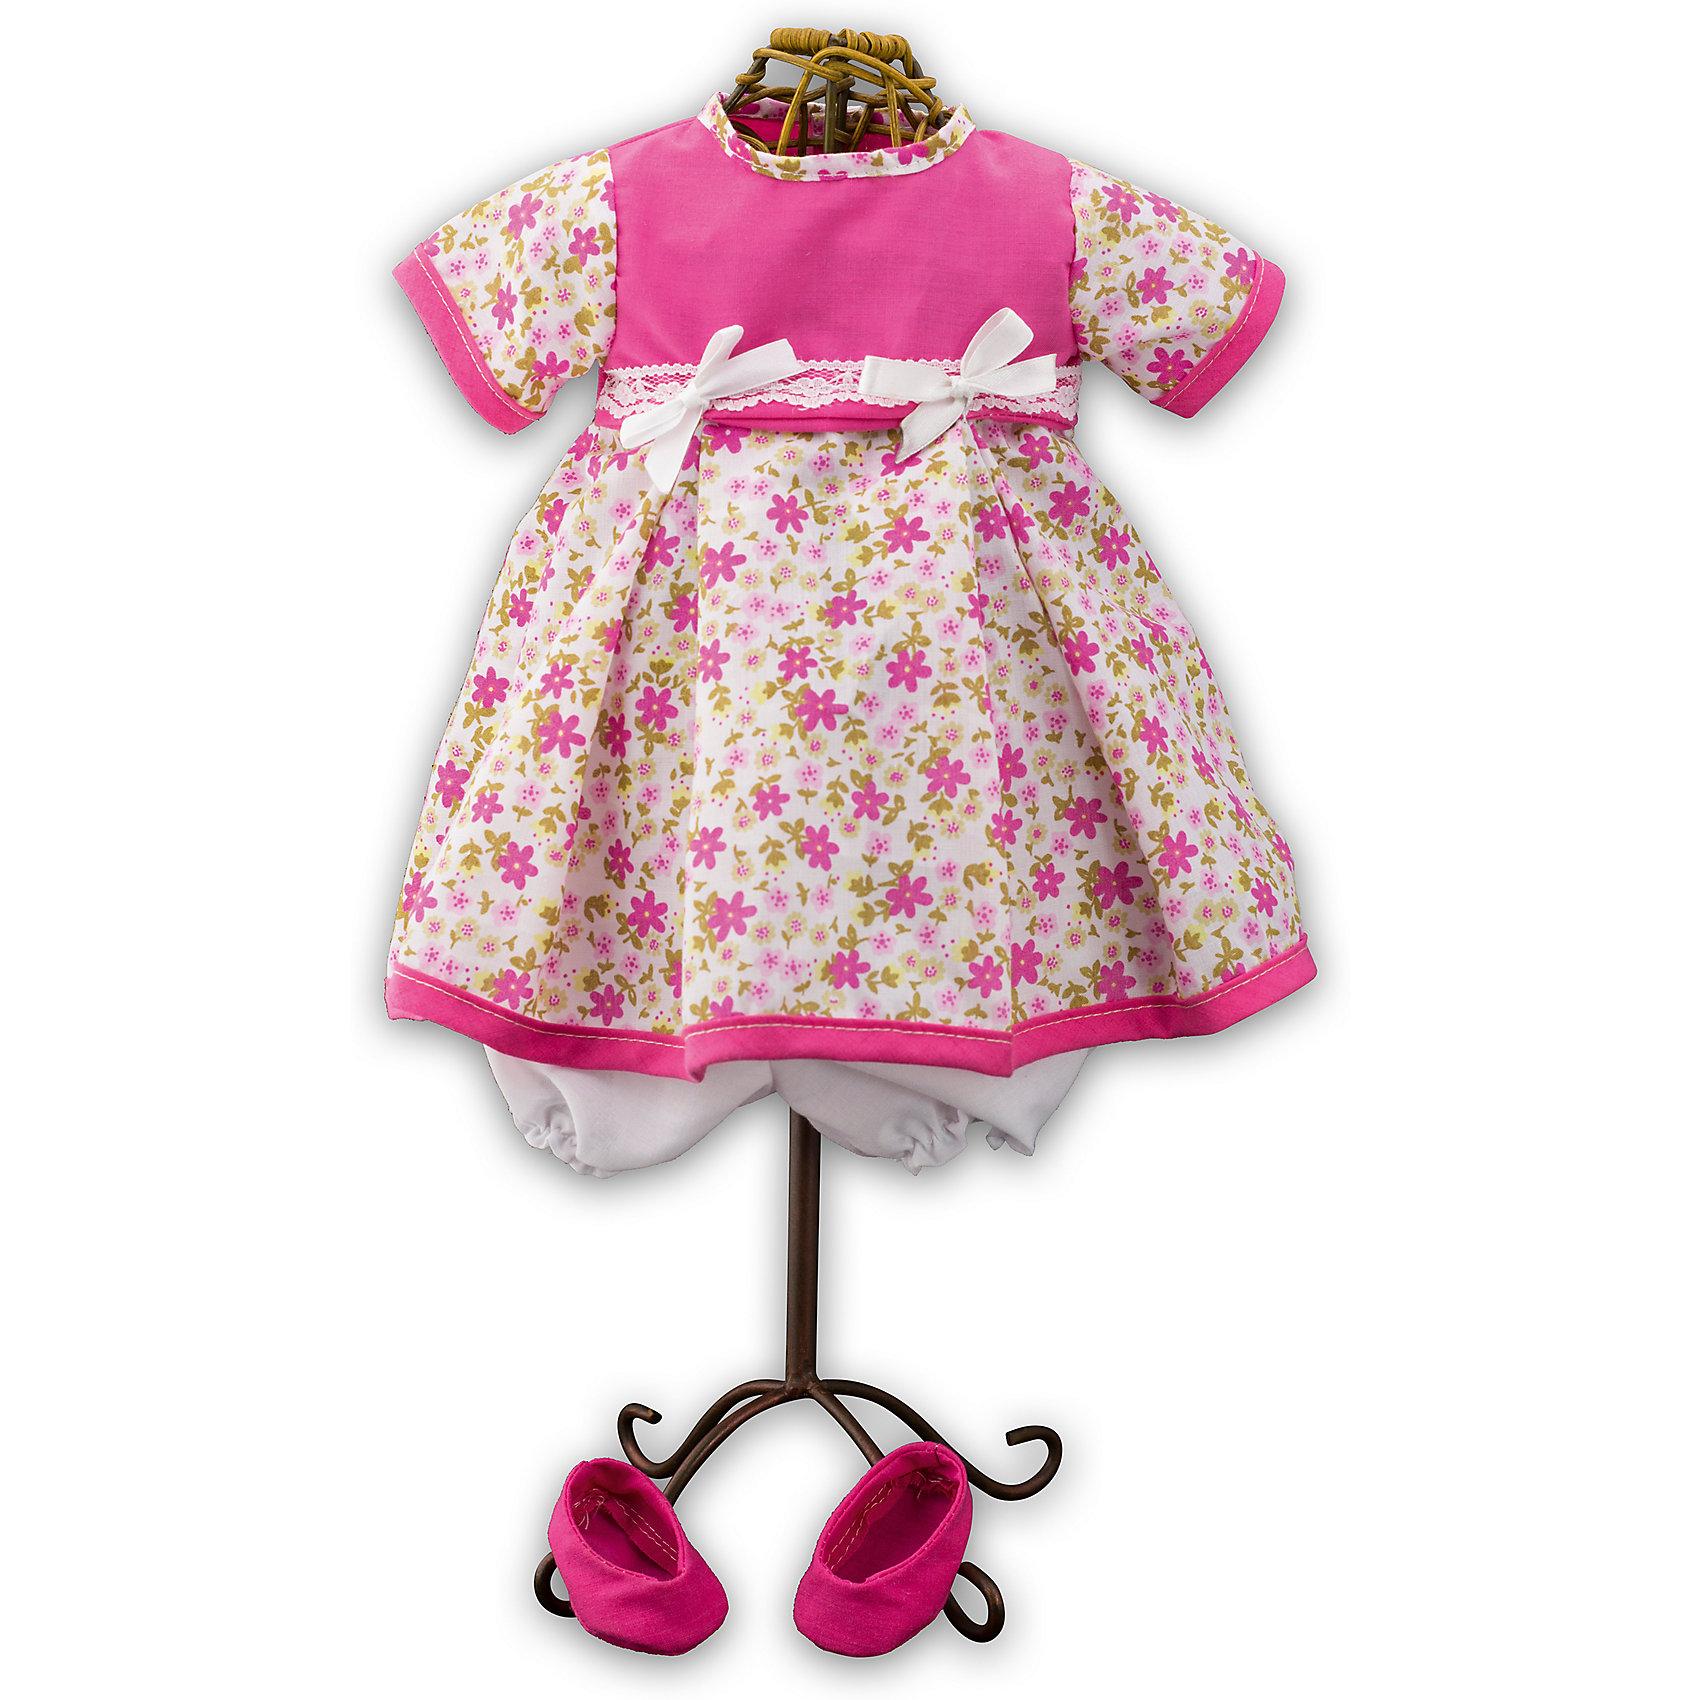 Одежда для куклы девочки Baby Pink, Loko ToysКукольная одежда и аксессуары<br>Характеристики товара:<br><br>• возраст: от 10 месяцев;<br>• материал: текстиль;<br>• в комплекте: платье, туфли;<br>• размер упаковки: 38х25х2,5 см;<br>• вес упаковки: 225 гр.;<br>• страна производитель: Китай.<br><br>Одежда для куклы-девочки «Baby Pink» Loko Toys — дополнительный комплект одежды для куклы, который дополнит ее гардероб. Комплект состоит из розового платья с цветочным принтом, украшенного бантиками, и розовых туфелек. Вся одежда выполнена из качественных материалов.<br><br>Одежду для куклы-девочки «Baby Pink» Loko Toys можно приобрести в нашем интернет-магазине.<br><br>Ширина мм: 250<br>Глубина мм: 55<br>Высота мм: 380<br>Вес г: 225<br>Возраст от месяцев: 10<br>Возраст до месяцев: 2147483647<br>Пол: Женский<br>Возраст: Детский<br>SKU: 6759076